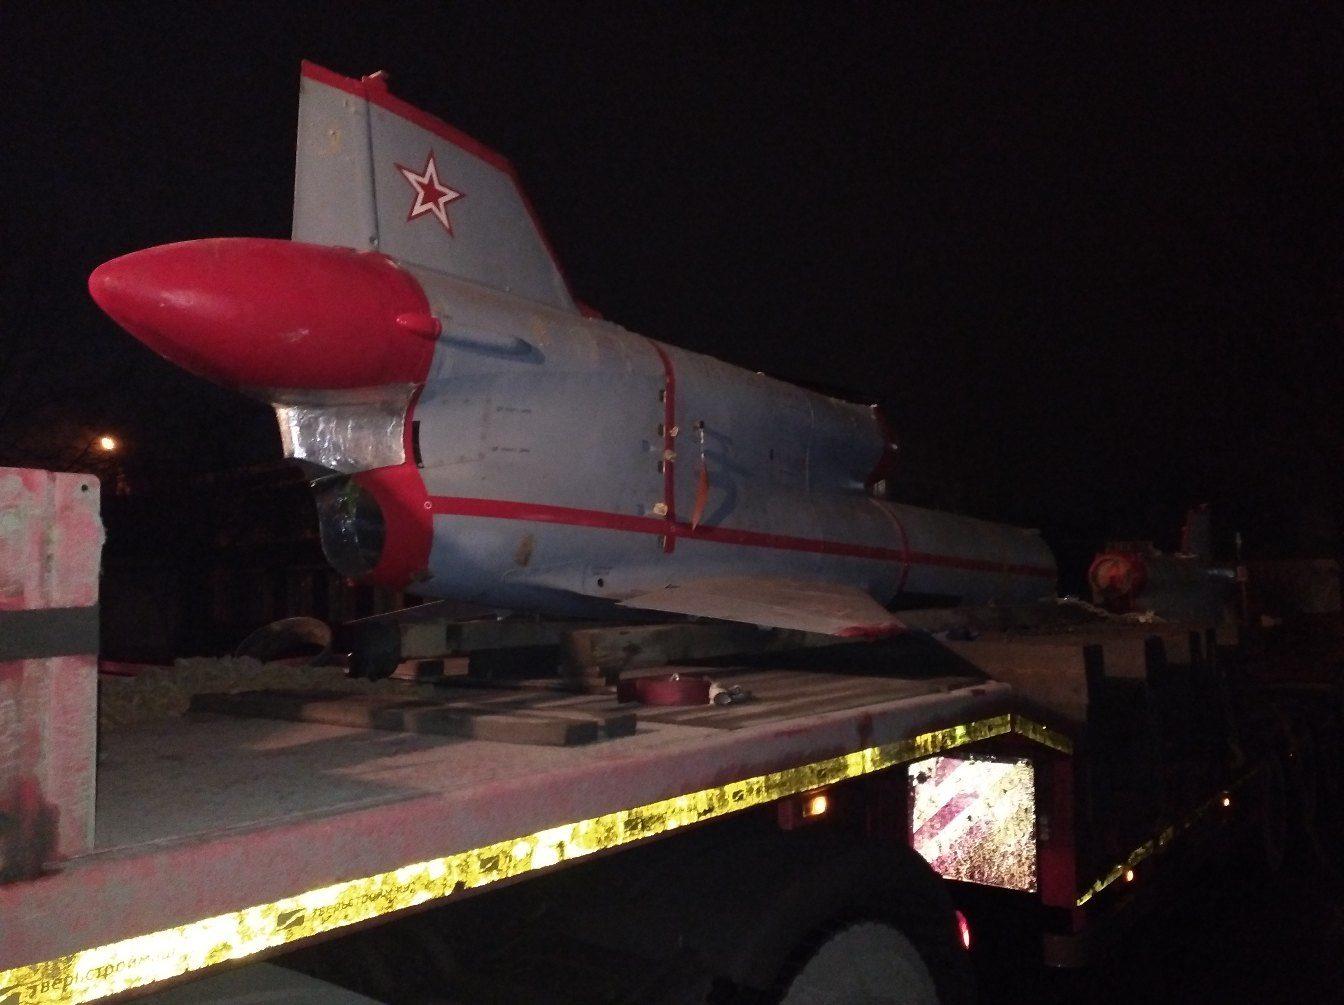 В Кимрах установят еще один военный самолёт - беспилотный самолёт-разведчик